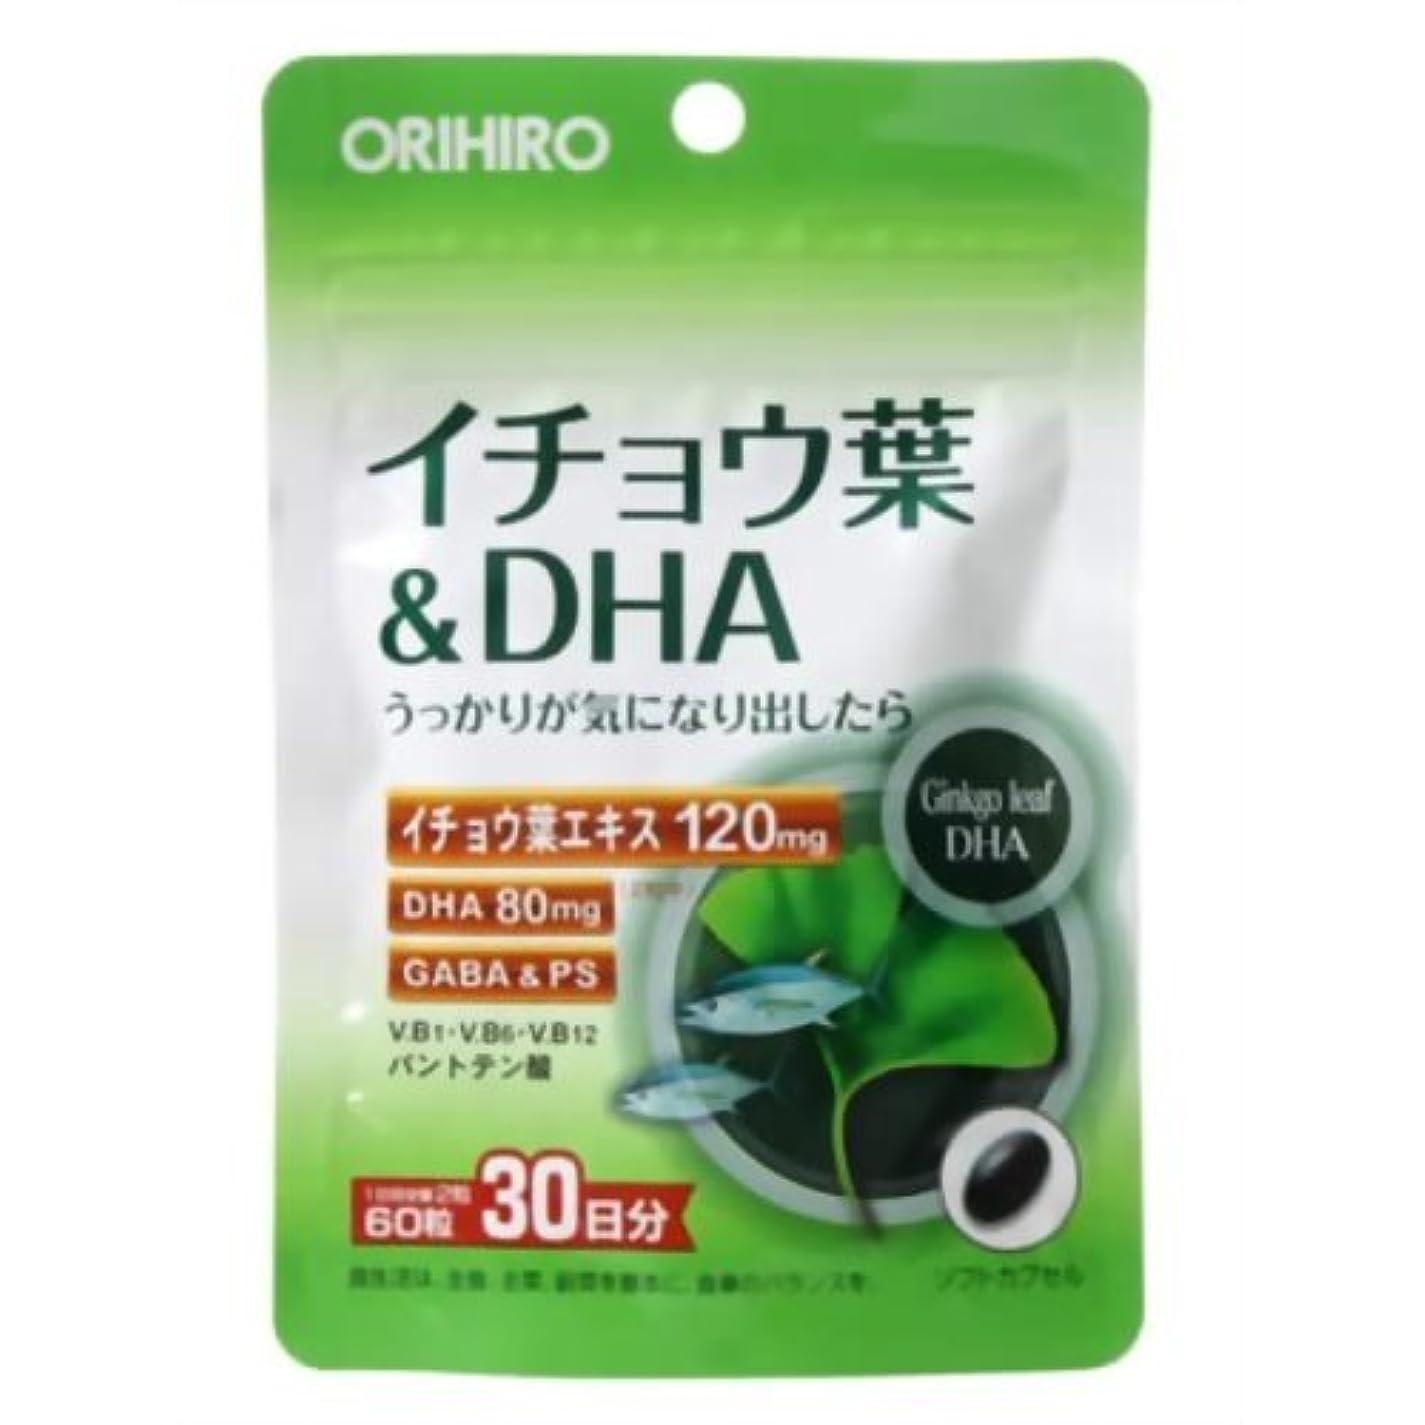 再発する名義でペンフレンドオリヒロ イチョウ葉&DHA 60粒